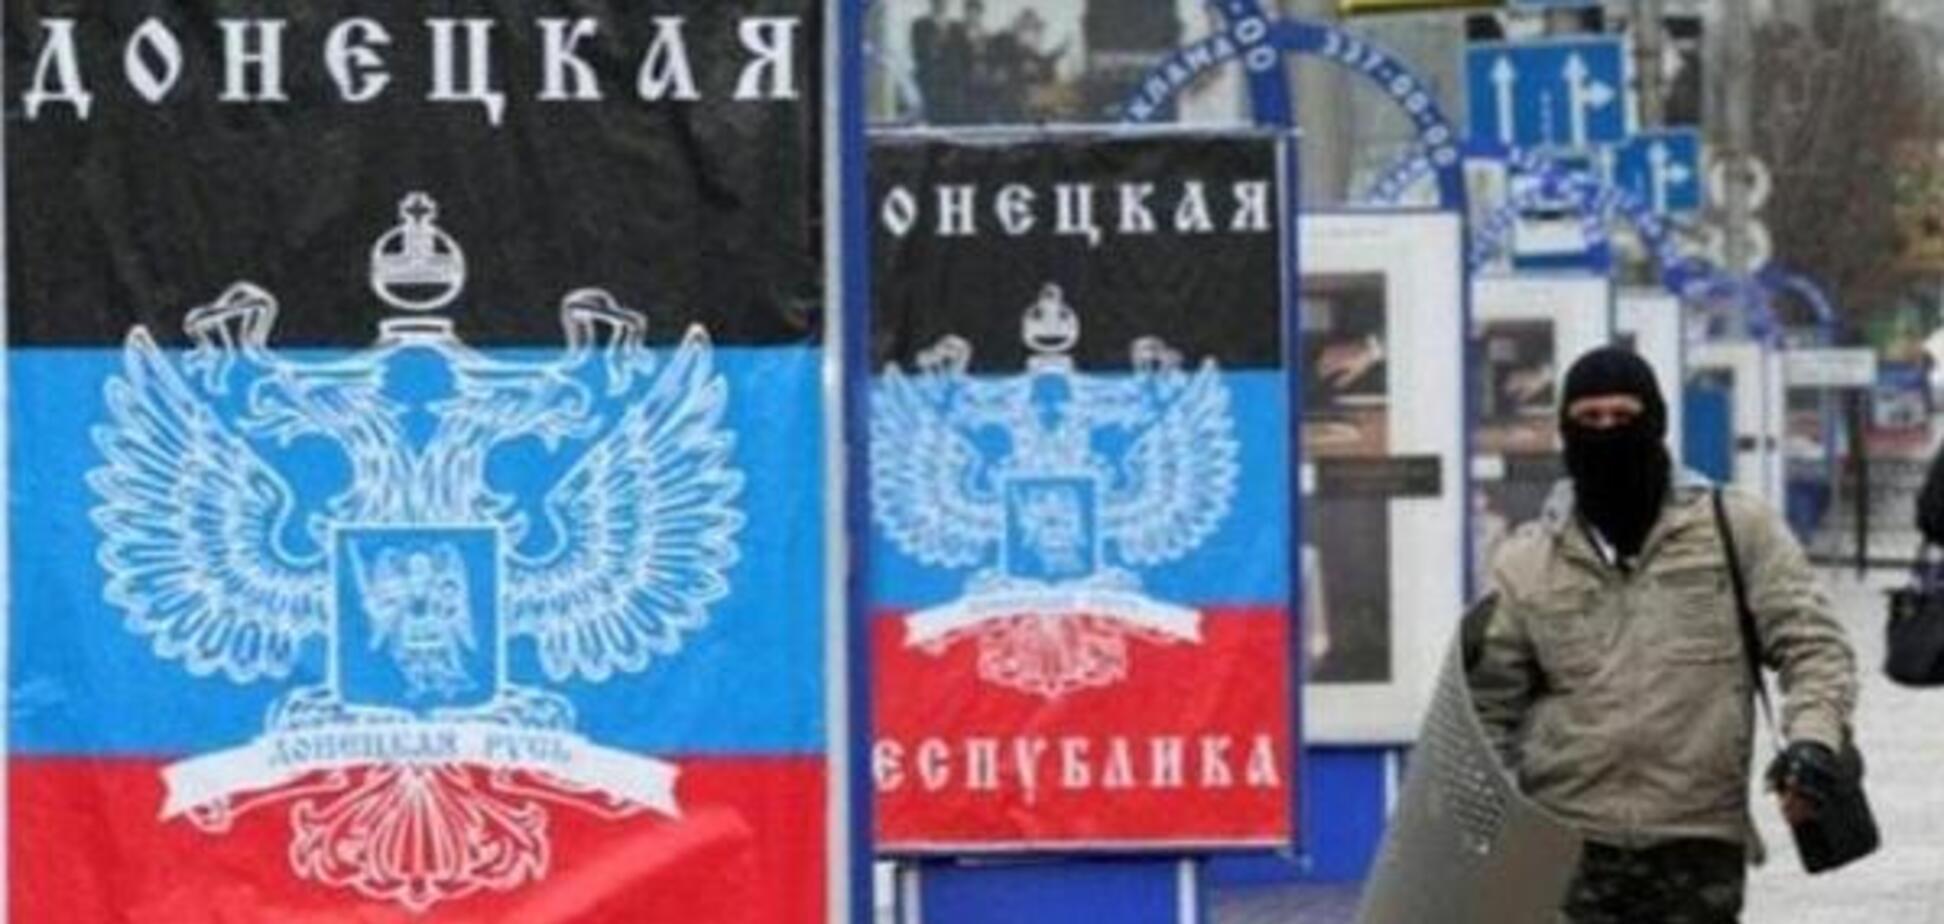 'Во всем виноват Майдан?!' В сети всплыло знаковое фото Донбасса